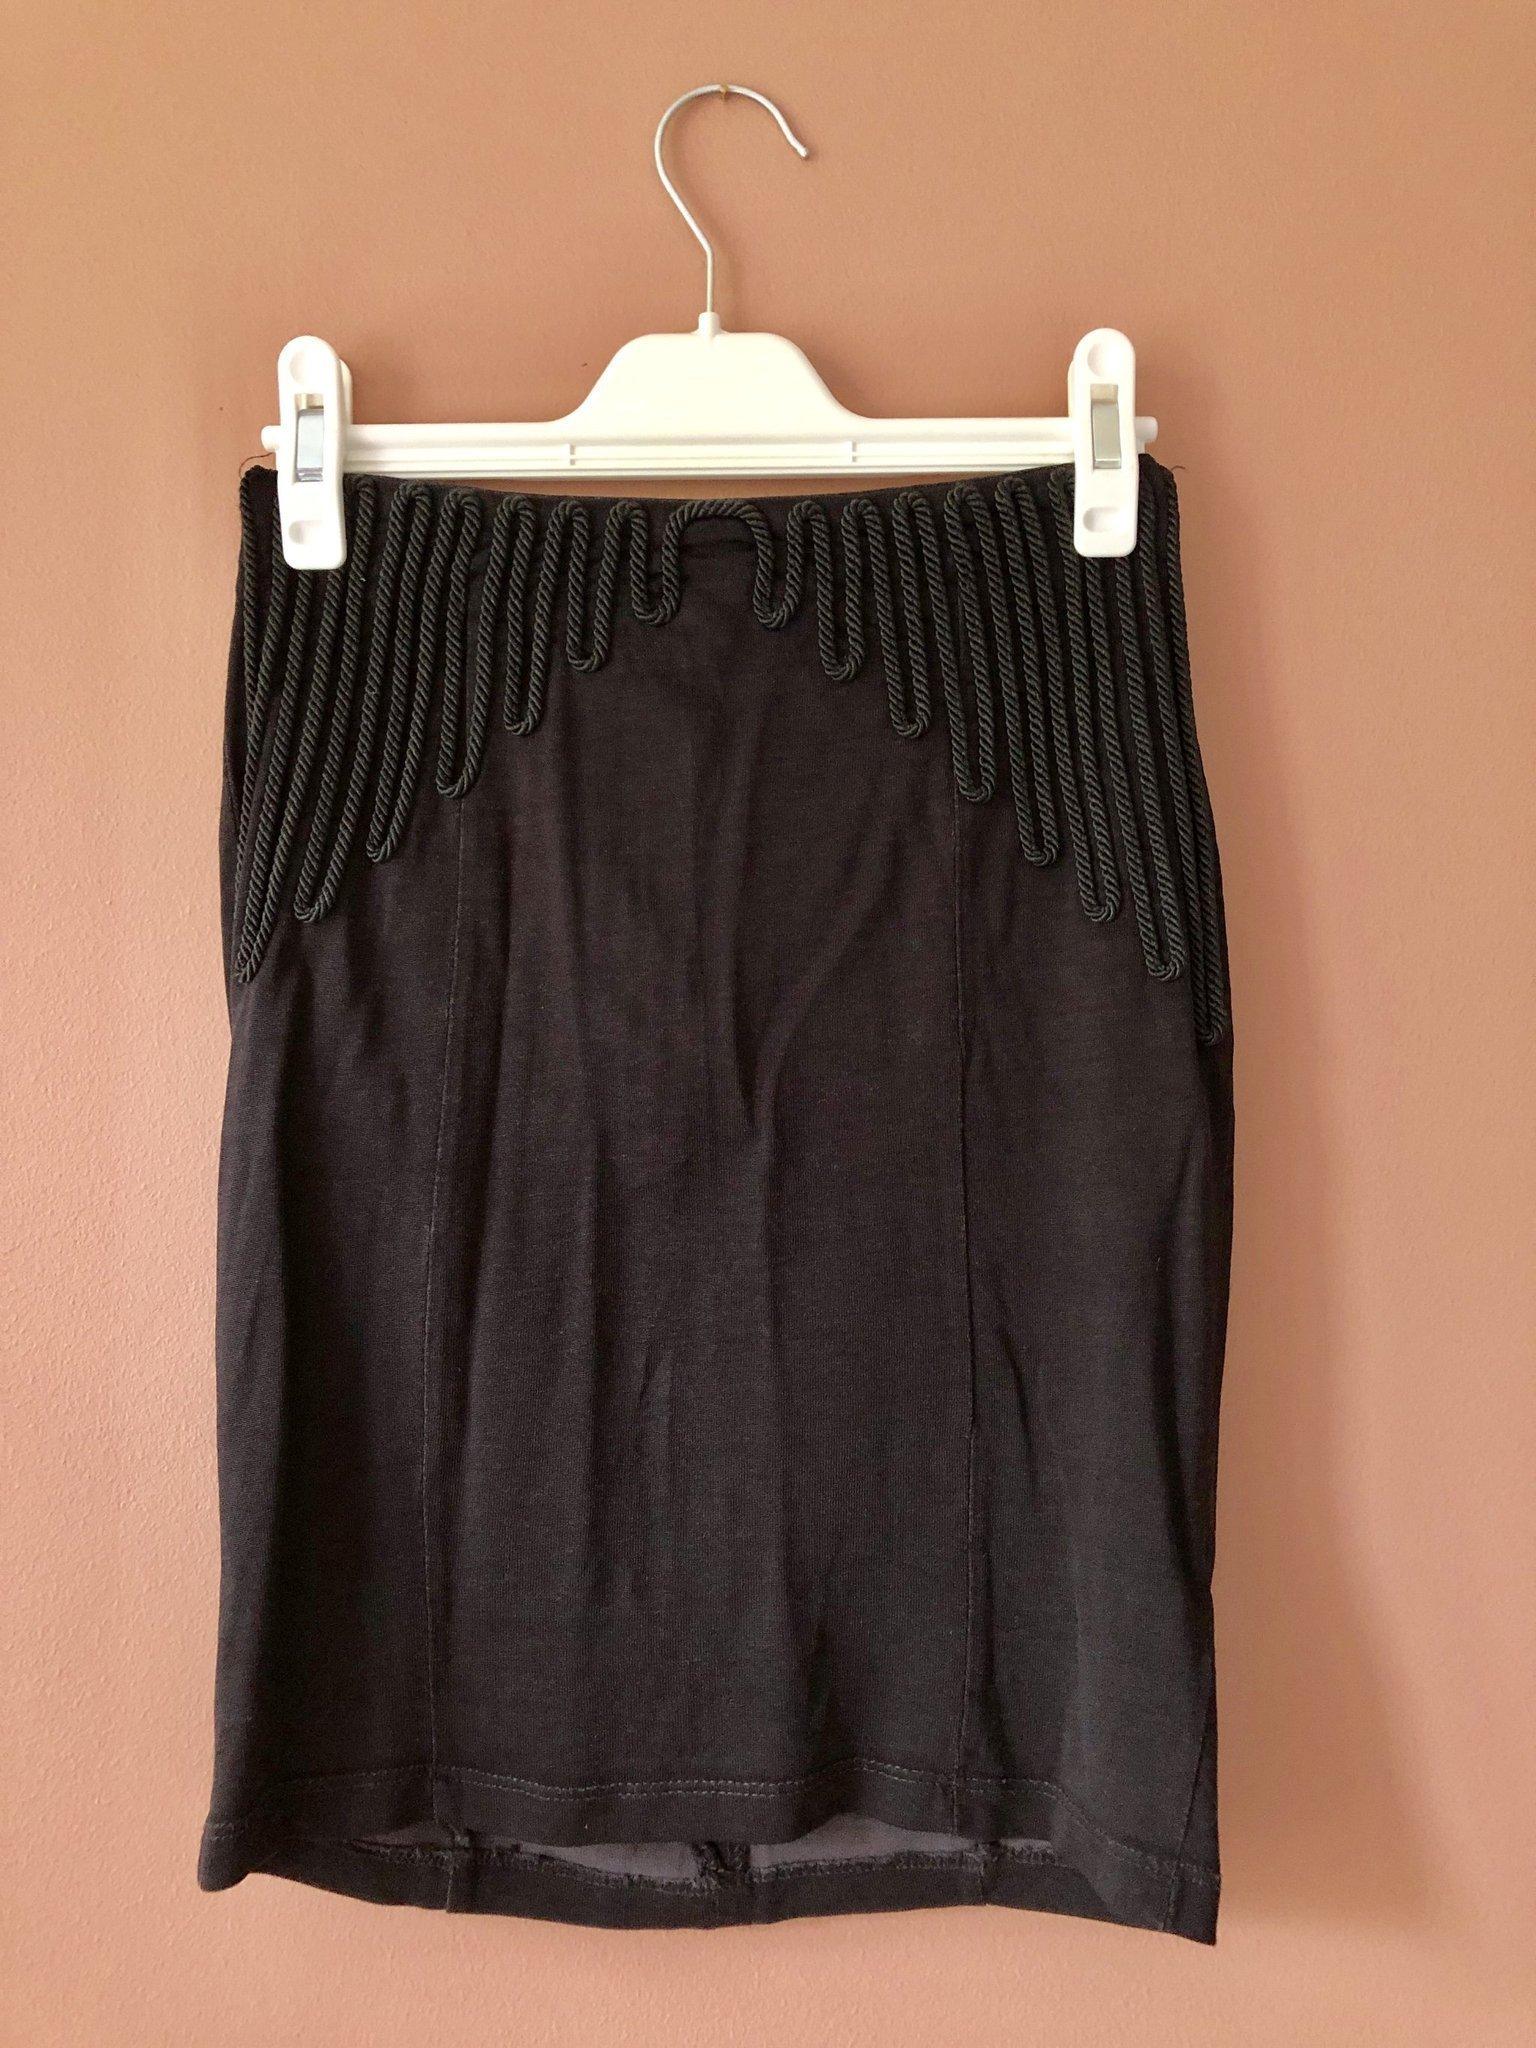 9839ae63681a Svart kjol från H&M Trend storlek 34 (354299063) ᐈ Köp på Tradera